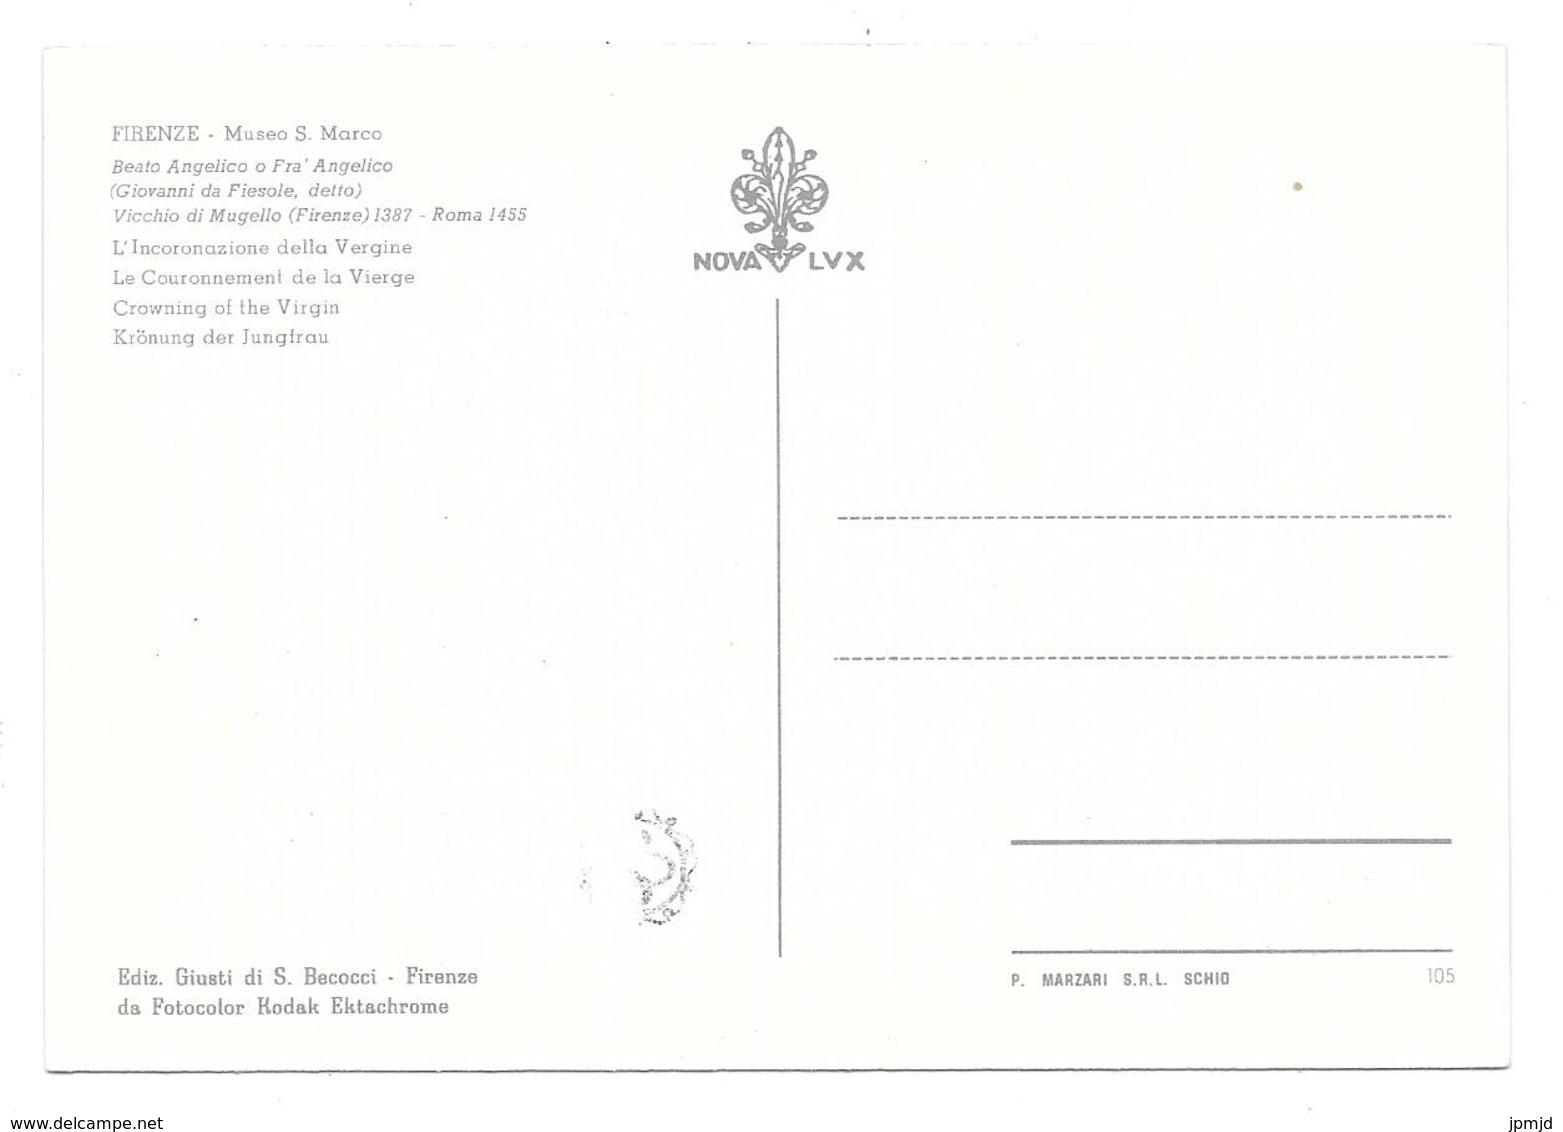 FIRENZE - Museo S. Marco Beato Angelico O Fra Angelico - L'Incoronazione Della Vergine - Ed. Giusti Di S. Becocci N° 105 - Firenze (Florence)